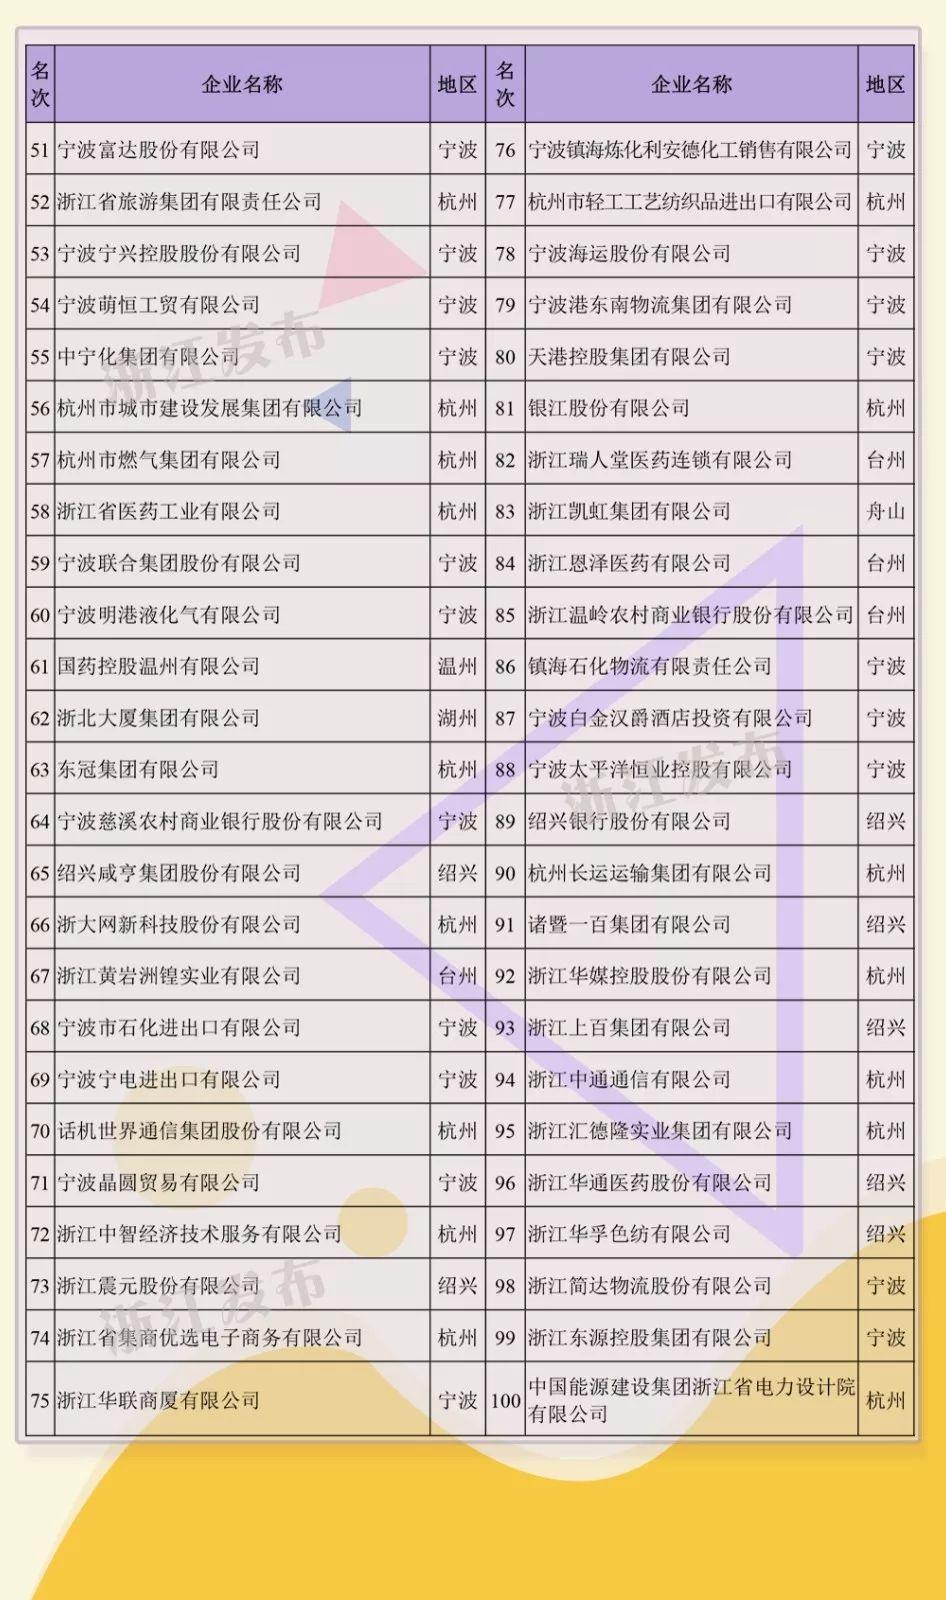 2019富润排行榜_2016最新 QS世界大学排行榜 出炉